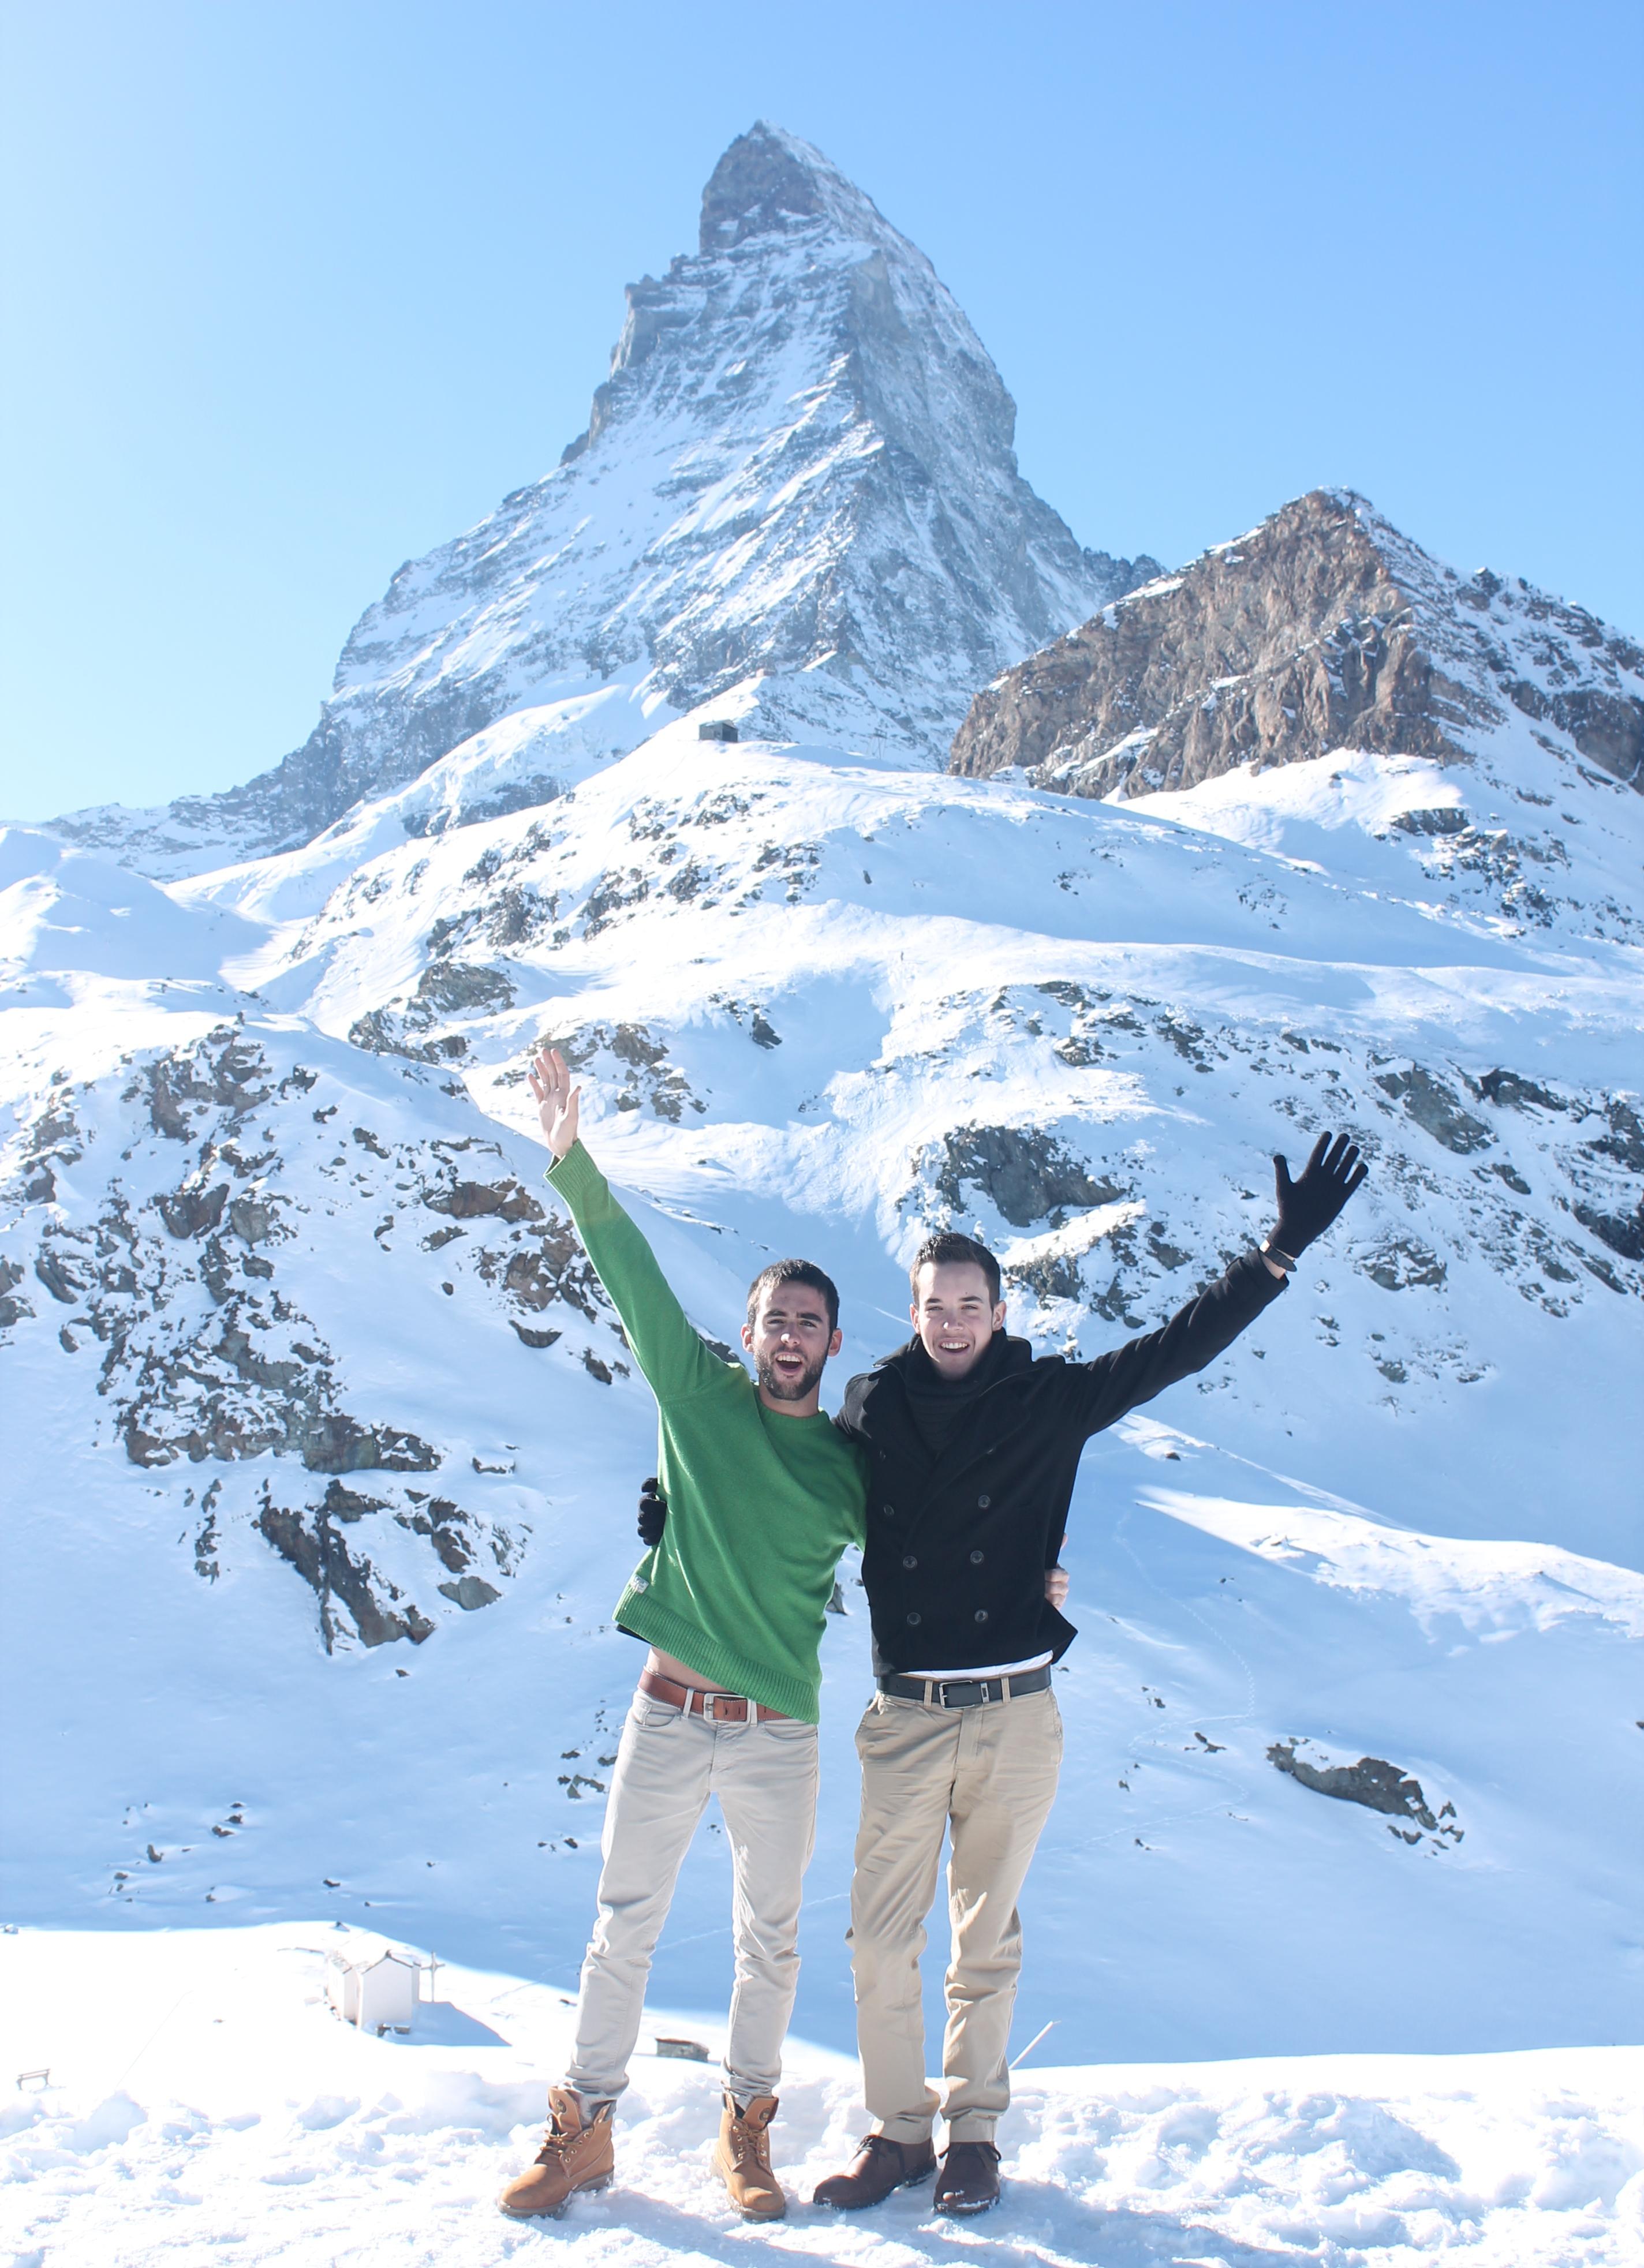 Vista del Cervino / Matterhorn en una conexión de teleféricos